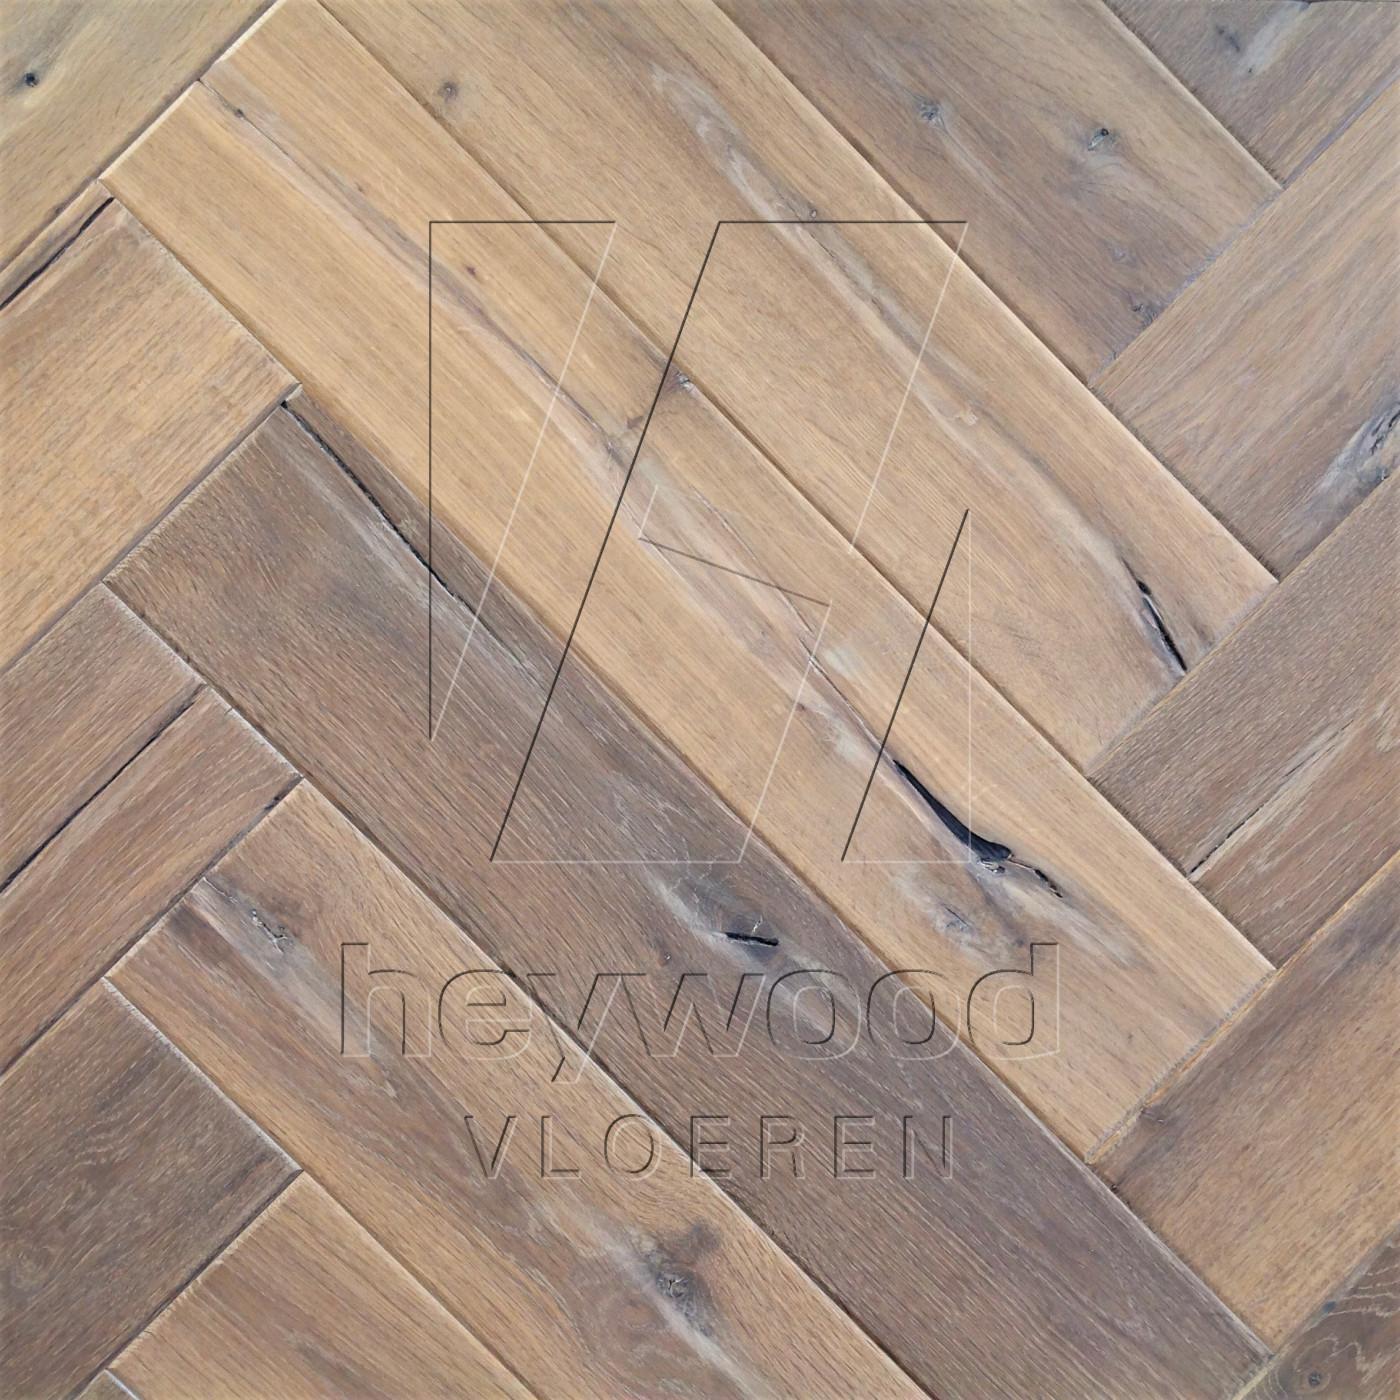 Antique Herringbone 'McKinley' in Herringbone of Pattern & Panel Floors